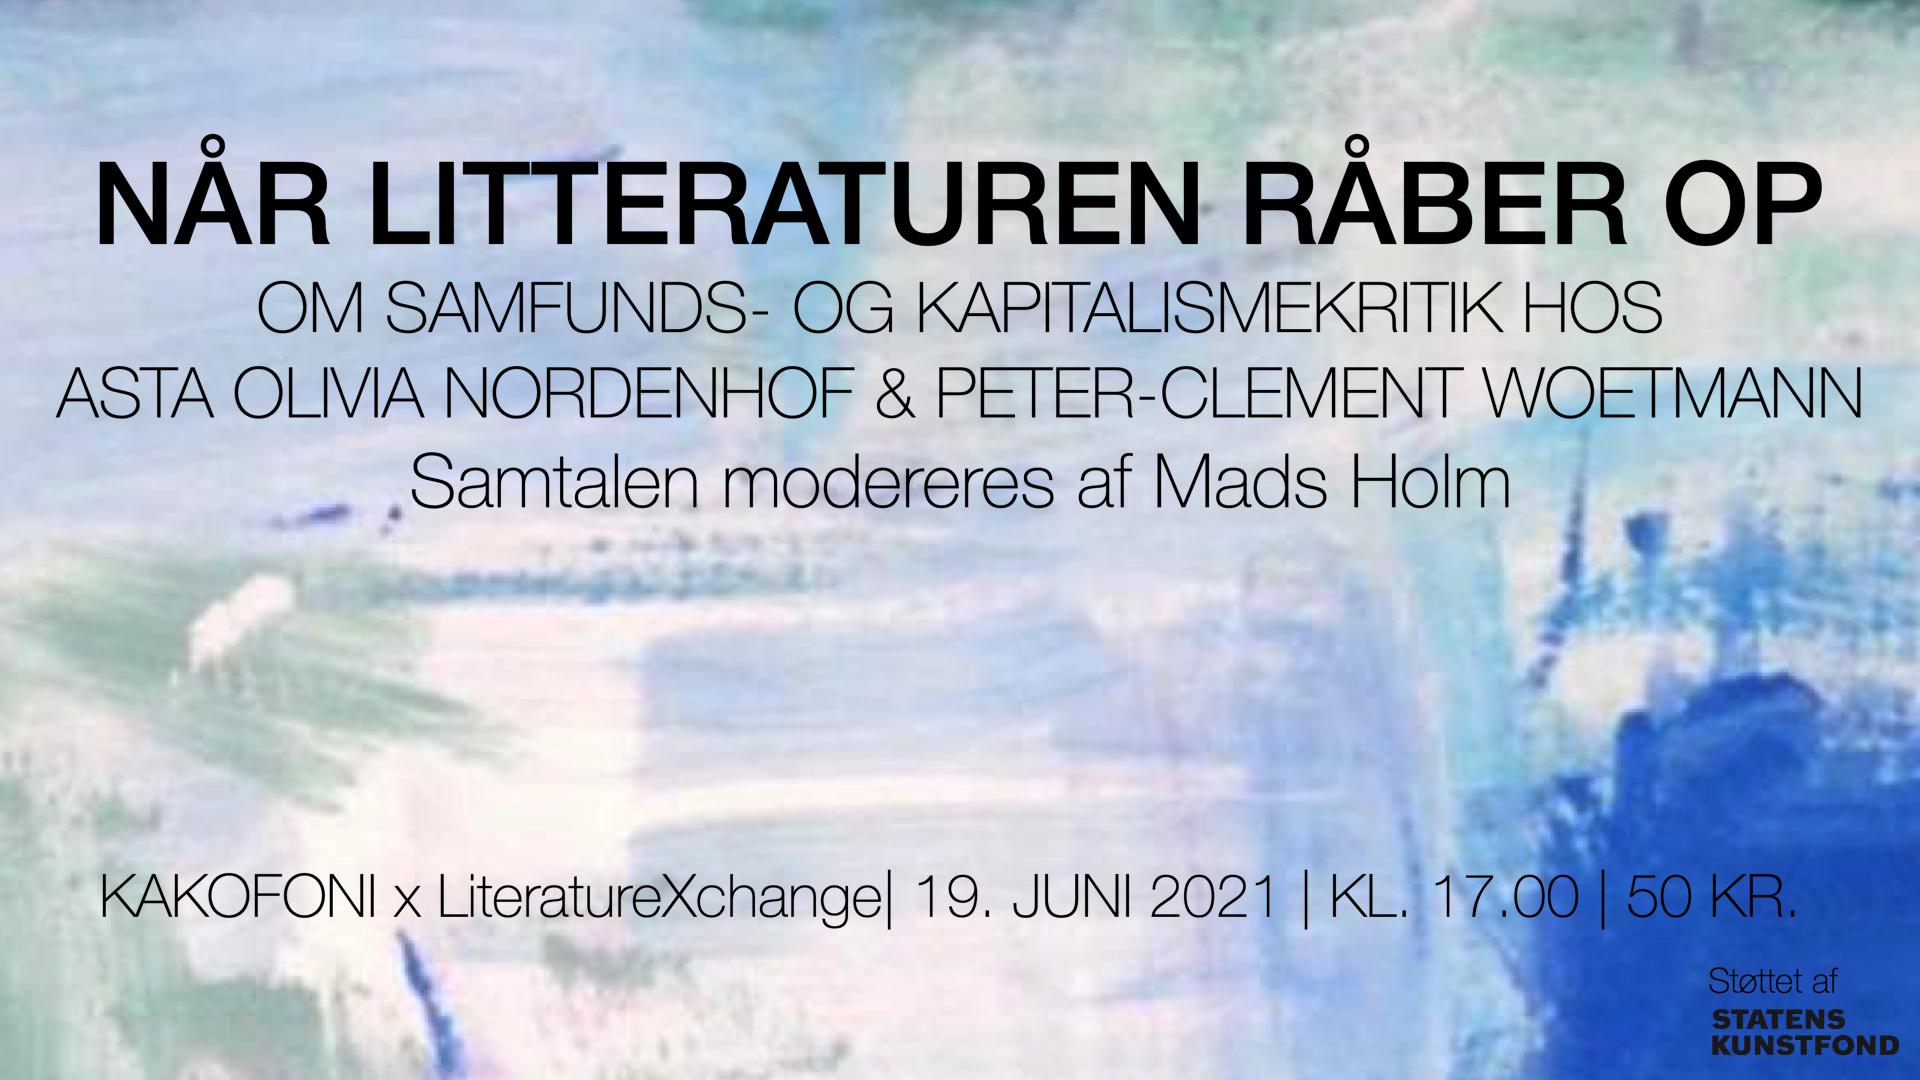 Nordenhof Woetmann Kapitalismekritik Kakofoni samfundskritik LiteratureXchange 2021